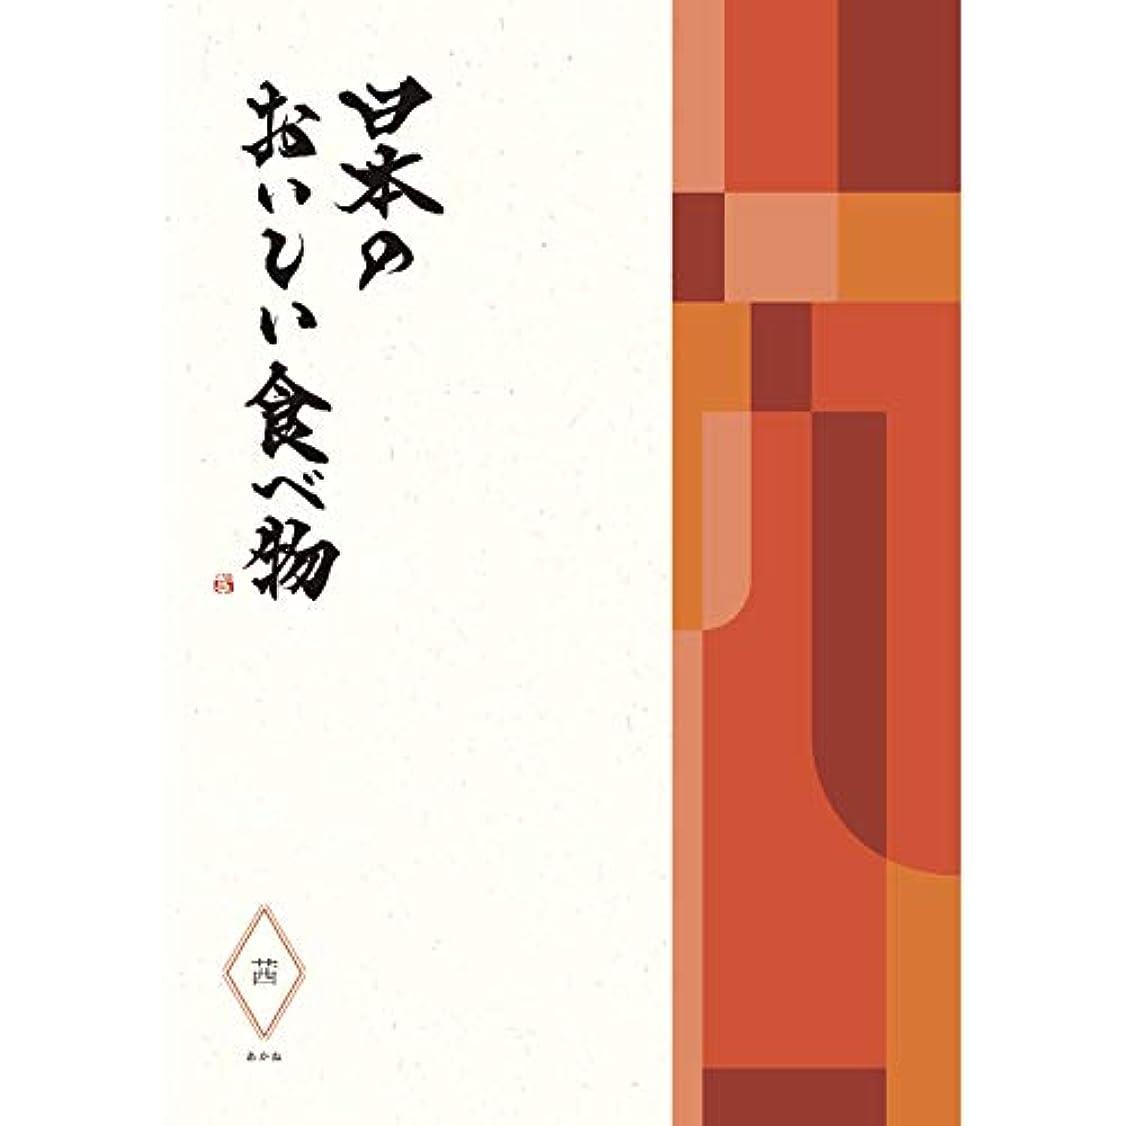 形状インサート因子YAMATO グルメカタログギフト 日本のおいしい食べ物 茜 (あかね) 10,000円コース 包装紙:ハッピーバード